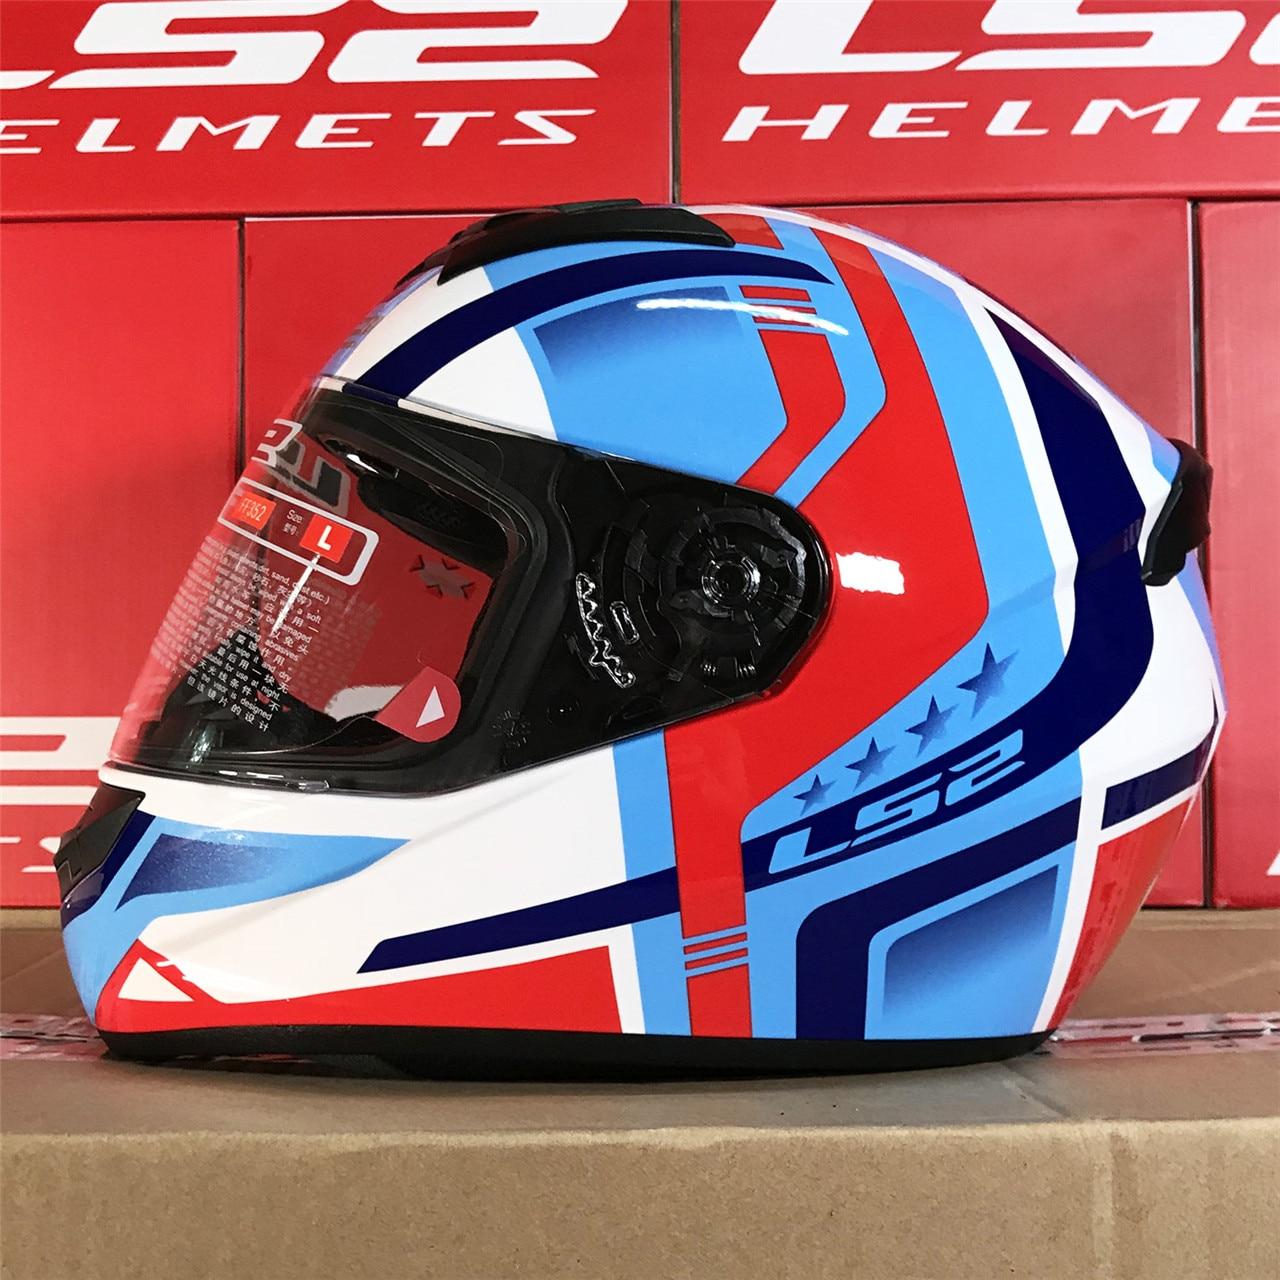 LS2 Moto casque intégral FF352 Recrue homme femme Casques Capacetes Moto Cascos Taille M L XL XXL